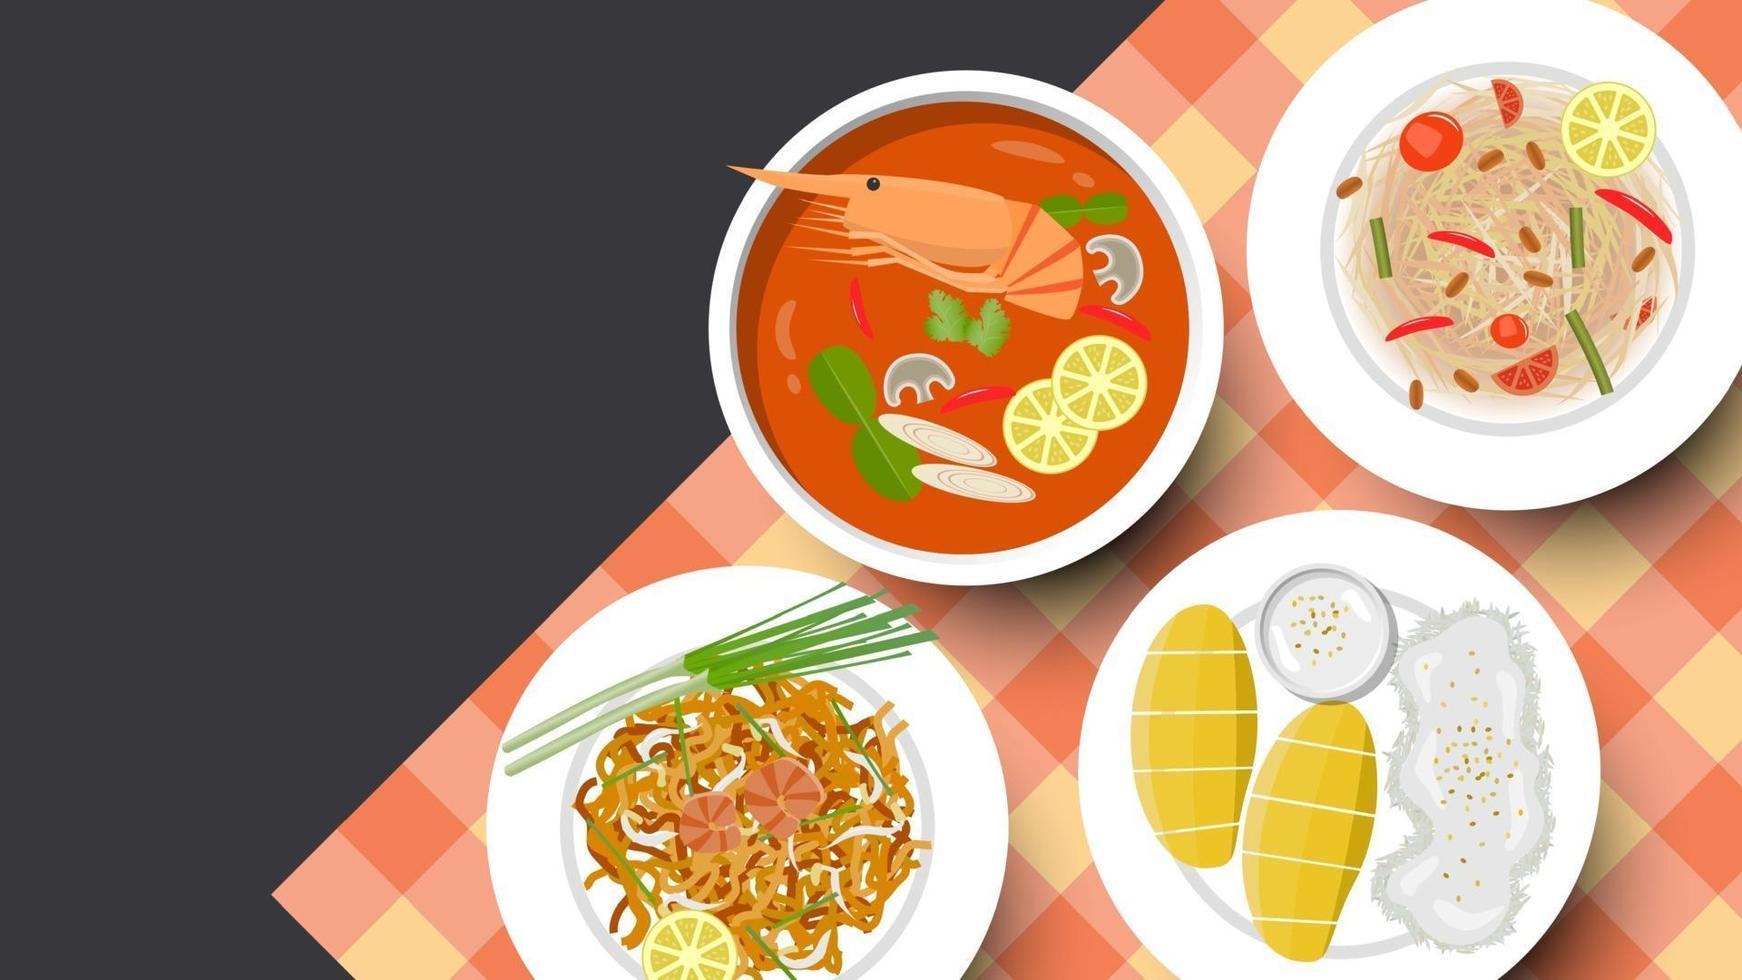 fond de cuisine thaïlandaise traditionnelle et espace de copie pour le texte, illustration vectorielle vecteur